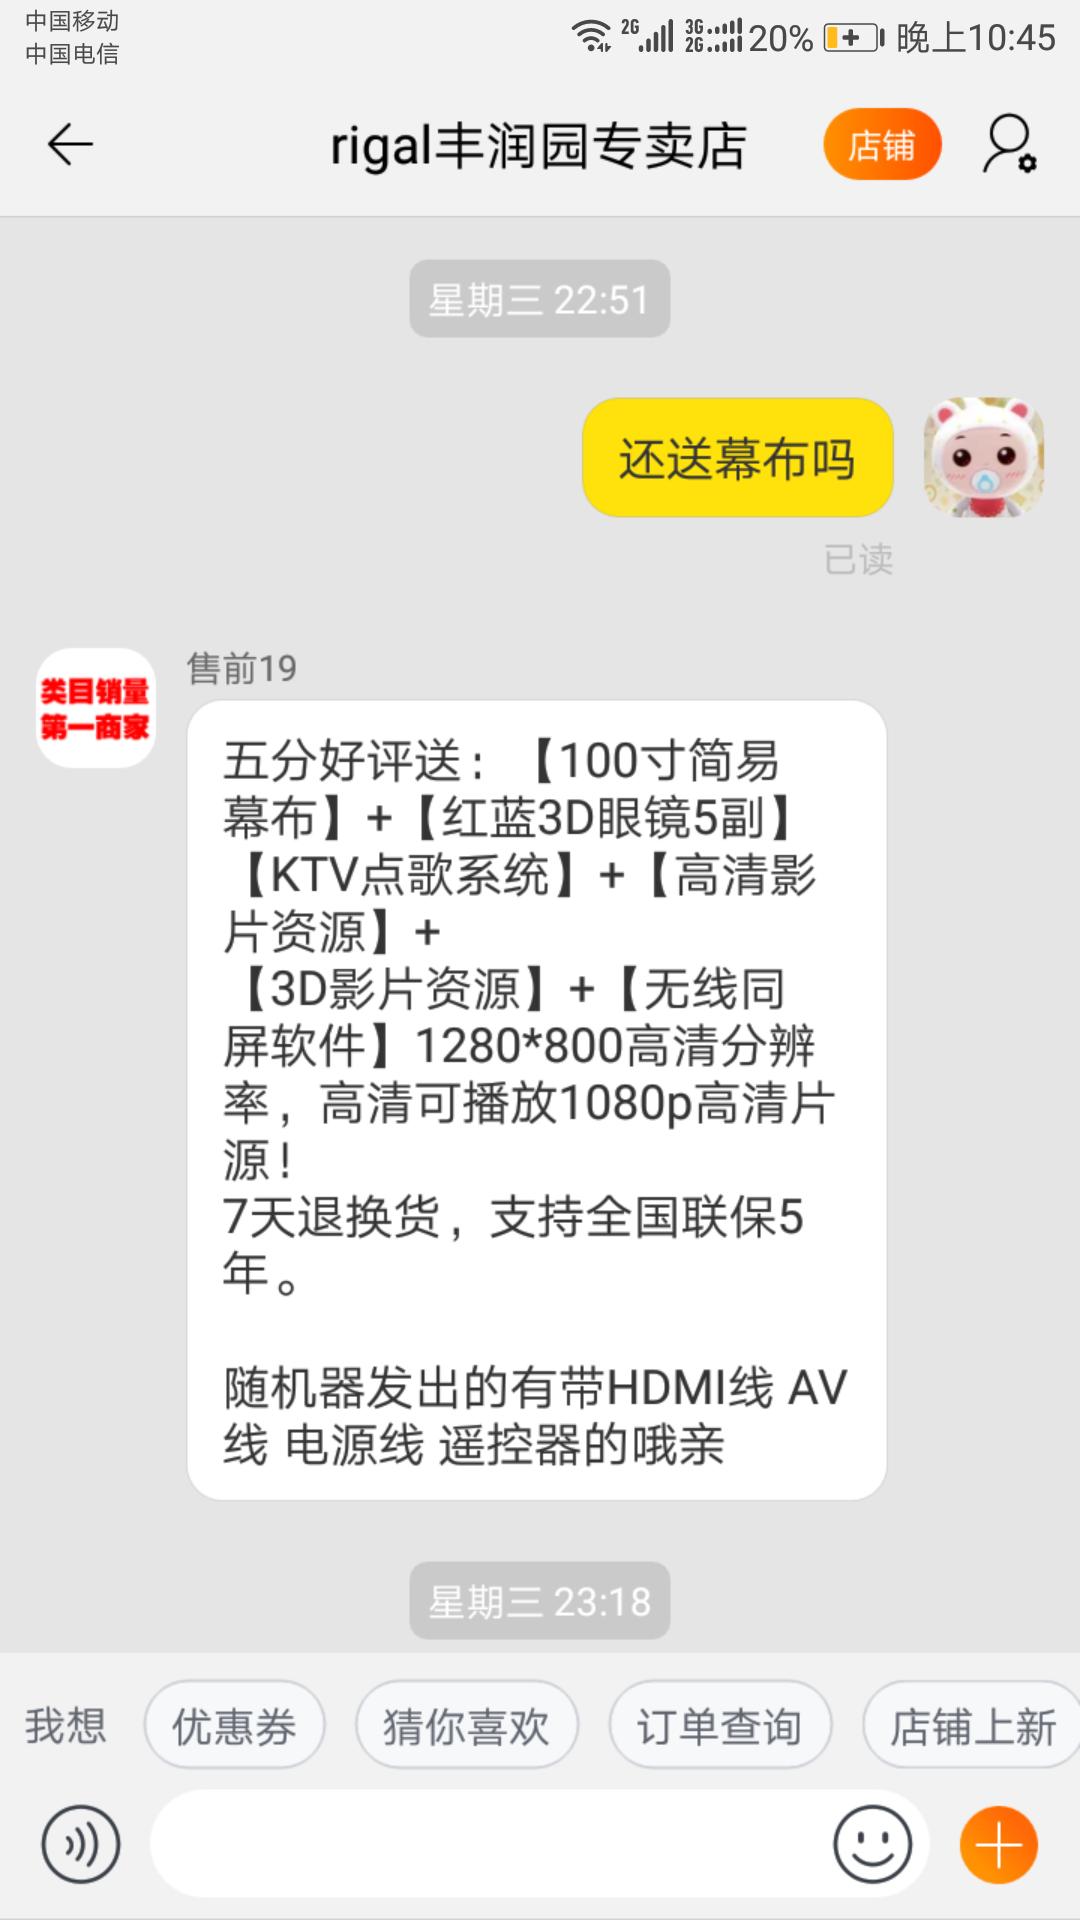 QQ20190512-1.png